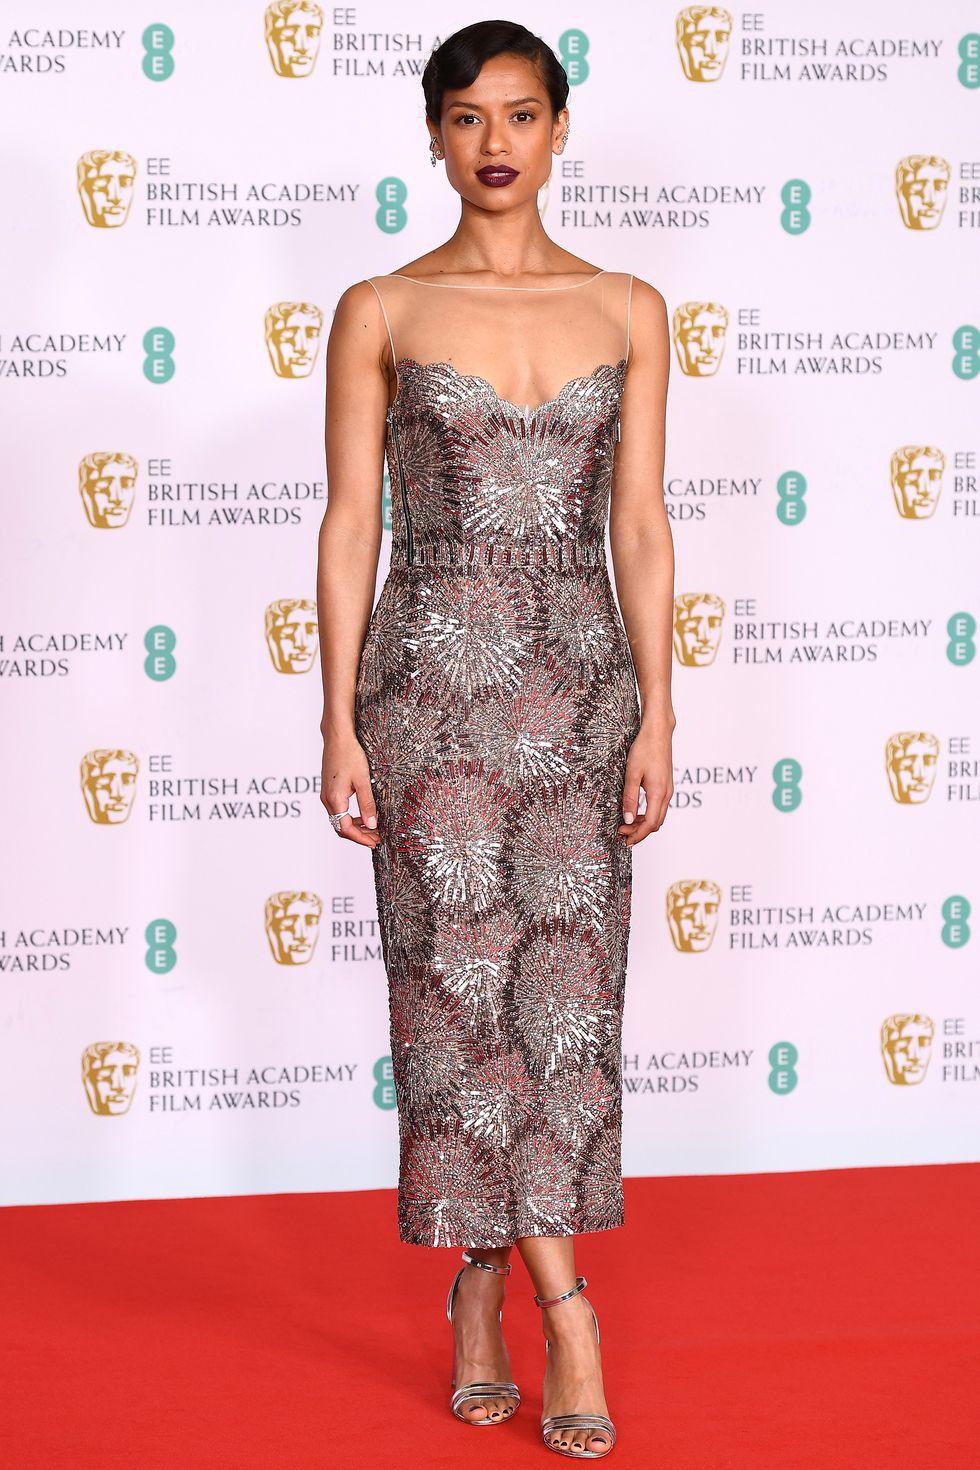 Gugu Mbatha-Raw luôn biết cách ghi điểm nhờ phong cách thời trang và lối trang điểm sang trọng. Cô nàng chọn chiếc váy Louis Vuitton ánh kim và trang sức Messika trên thảm đỏ BAFTA.